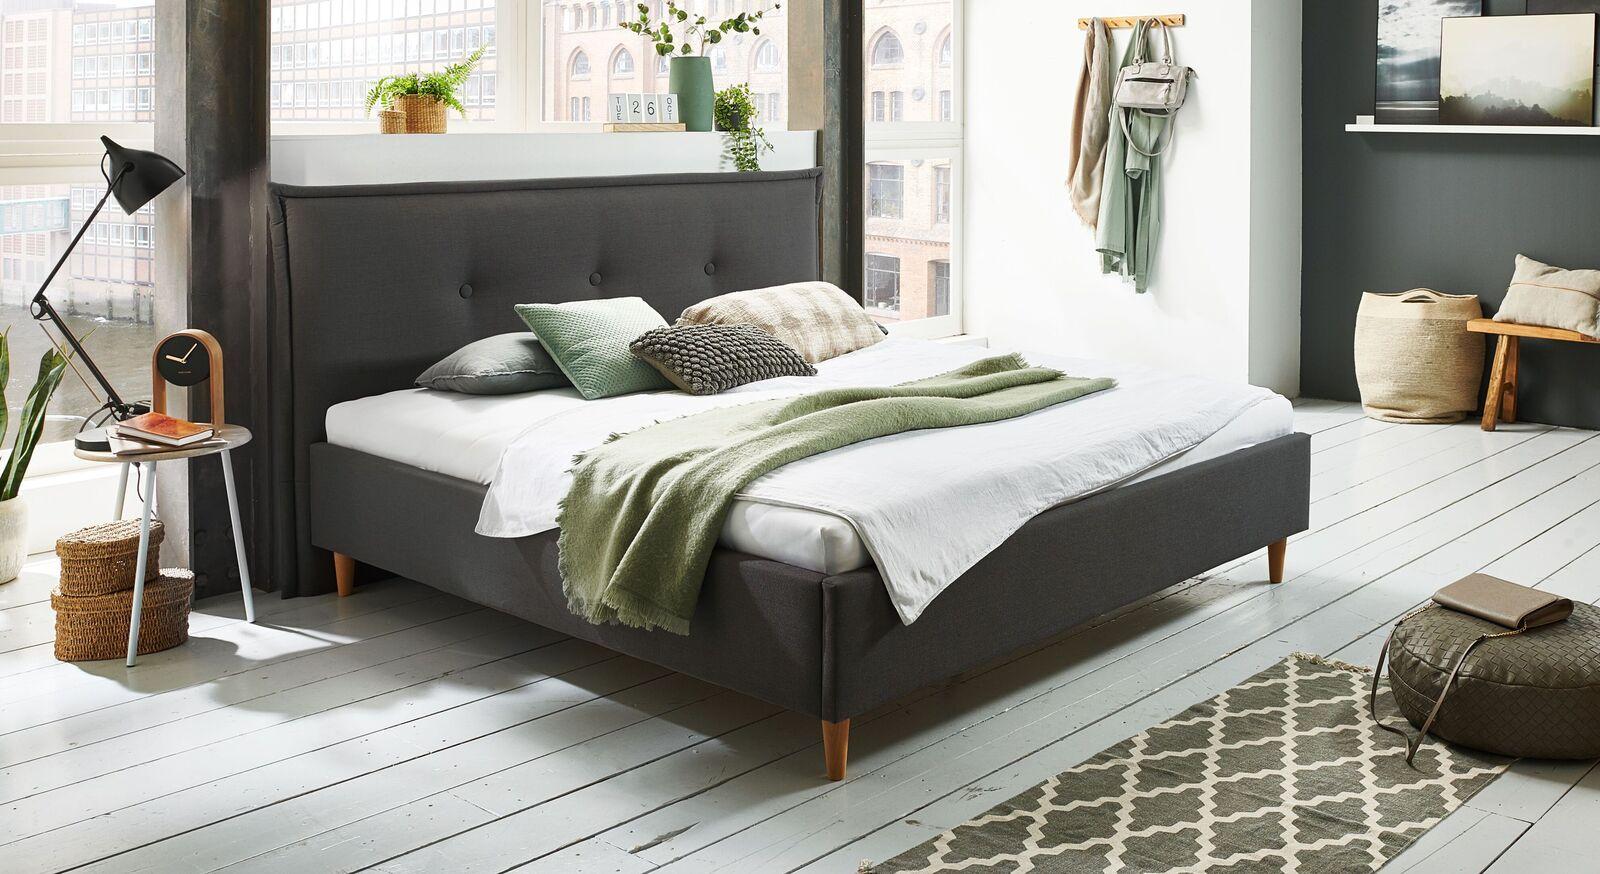 Bett Indore mit hochwertigem Webstoff in Anthrazit